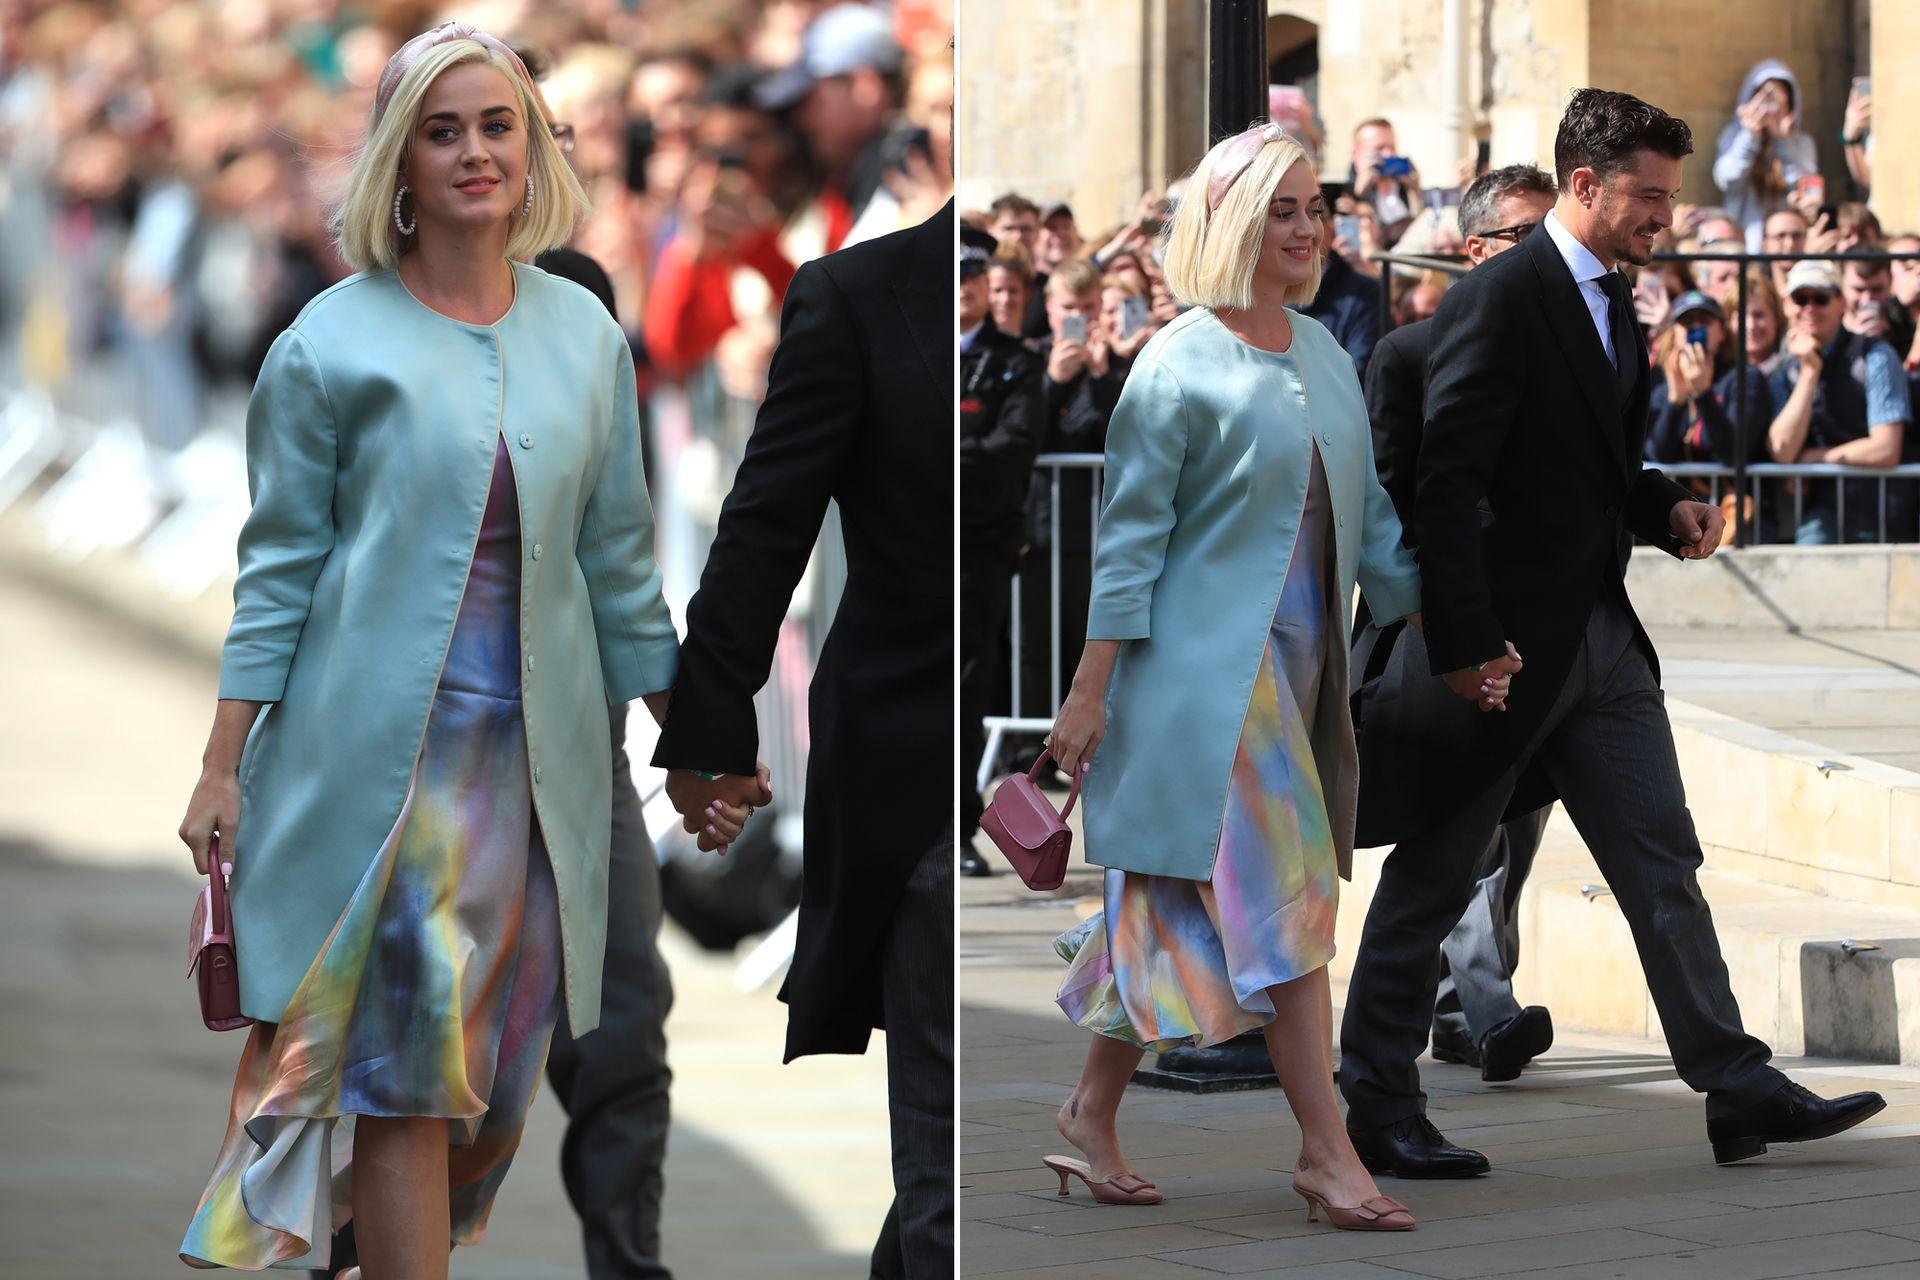 ¿Baby boom? Katy Perry asistió -junto a Orlando Bloom- al casamiento de Ellie Goulding con un amplio vestido en tonos pasteles y acuarelados de Sies Marjan, que alimentaron los rumores de embarazo